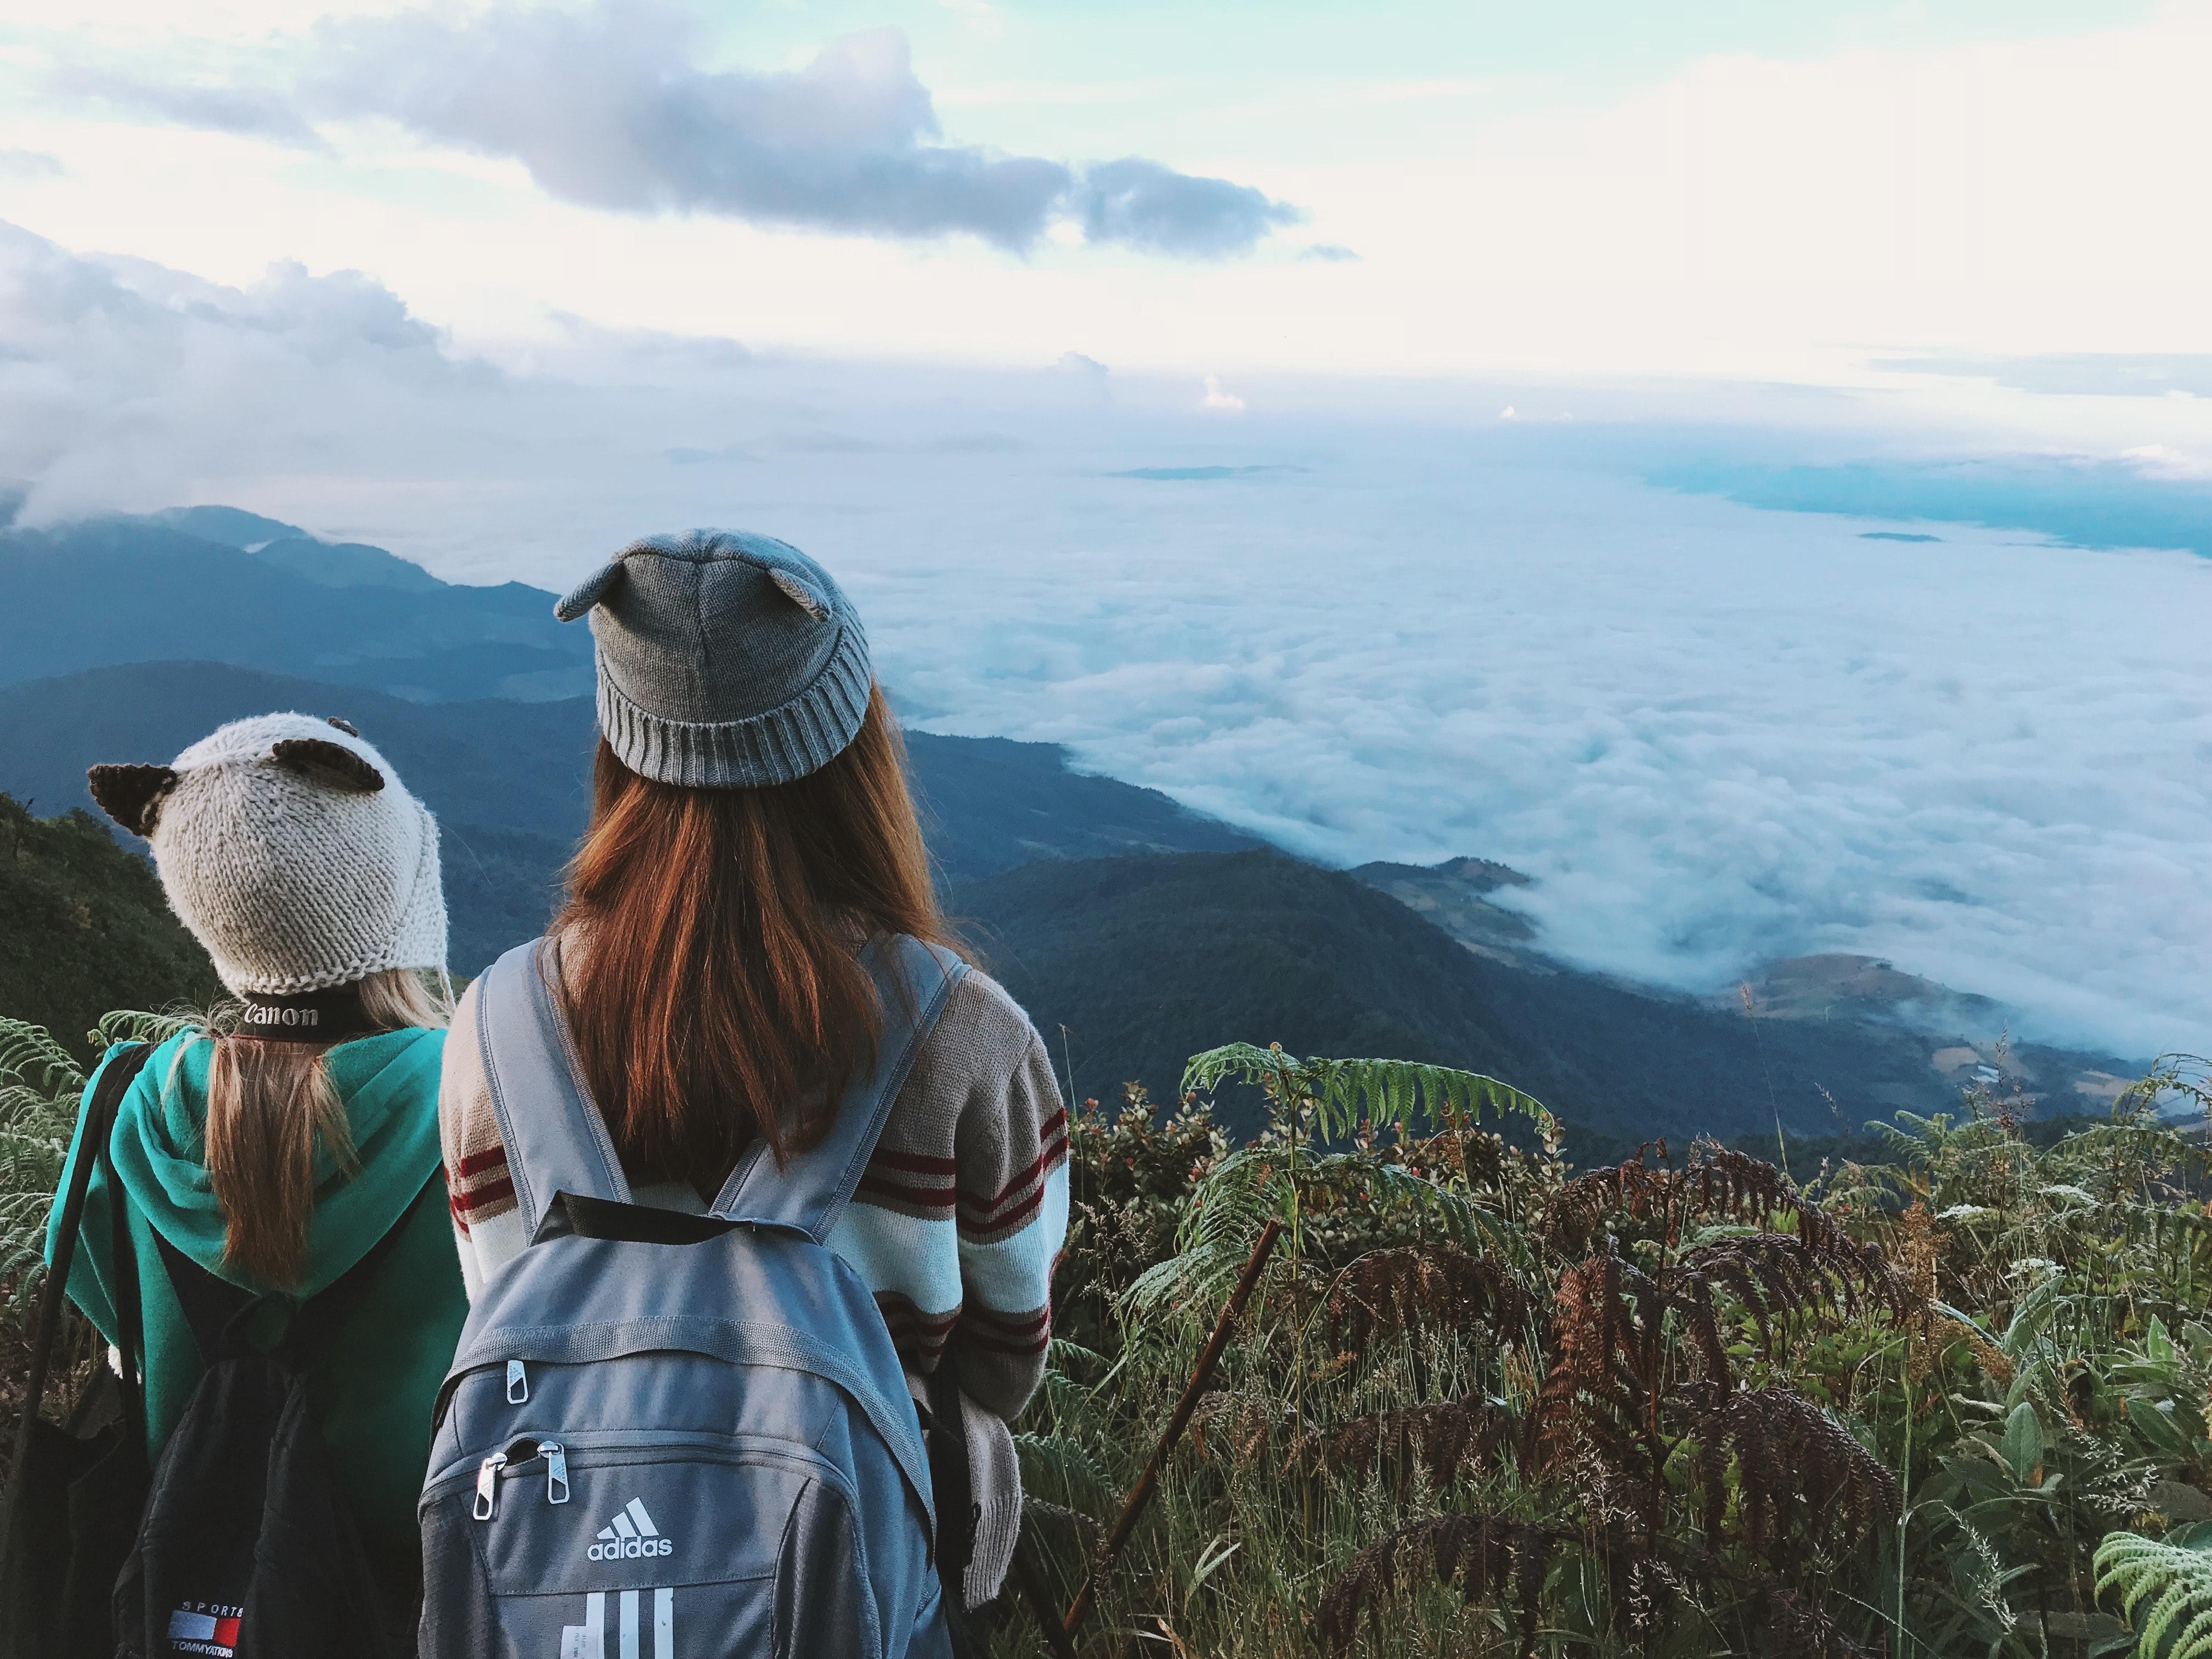 ryggsäck hätta moln dagsljus dimmig landskap ser bergen utomhus personer  växter himmel resa kvinnor 765754c1d387e